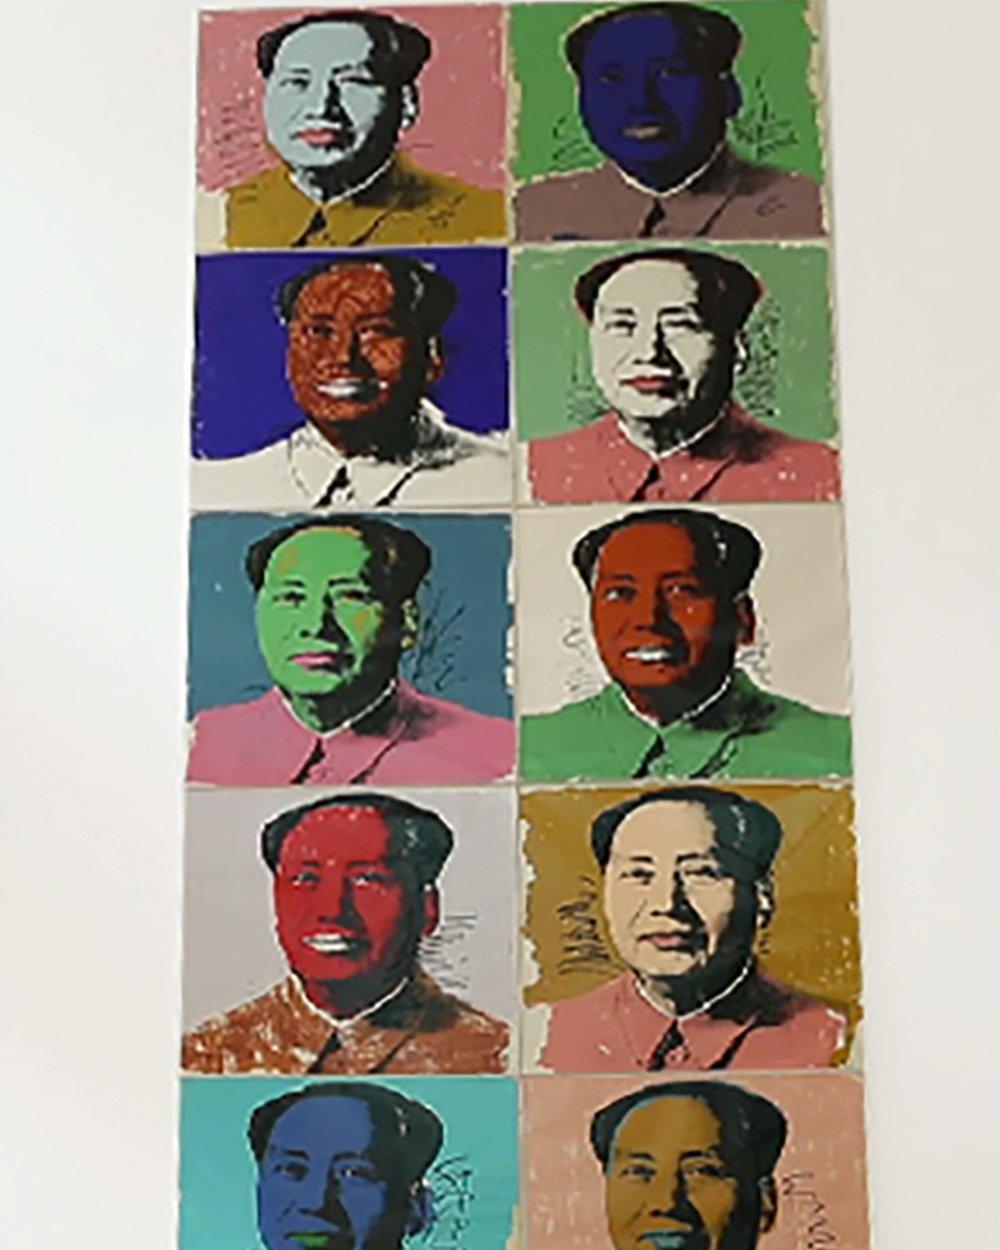 Andy Wharlo's Mao Zedong Portraits